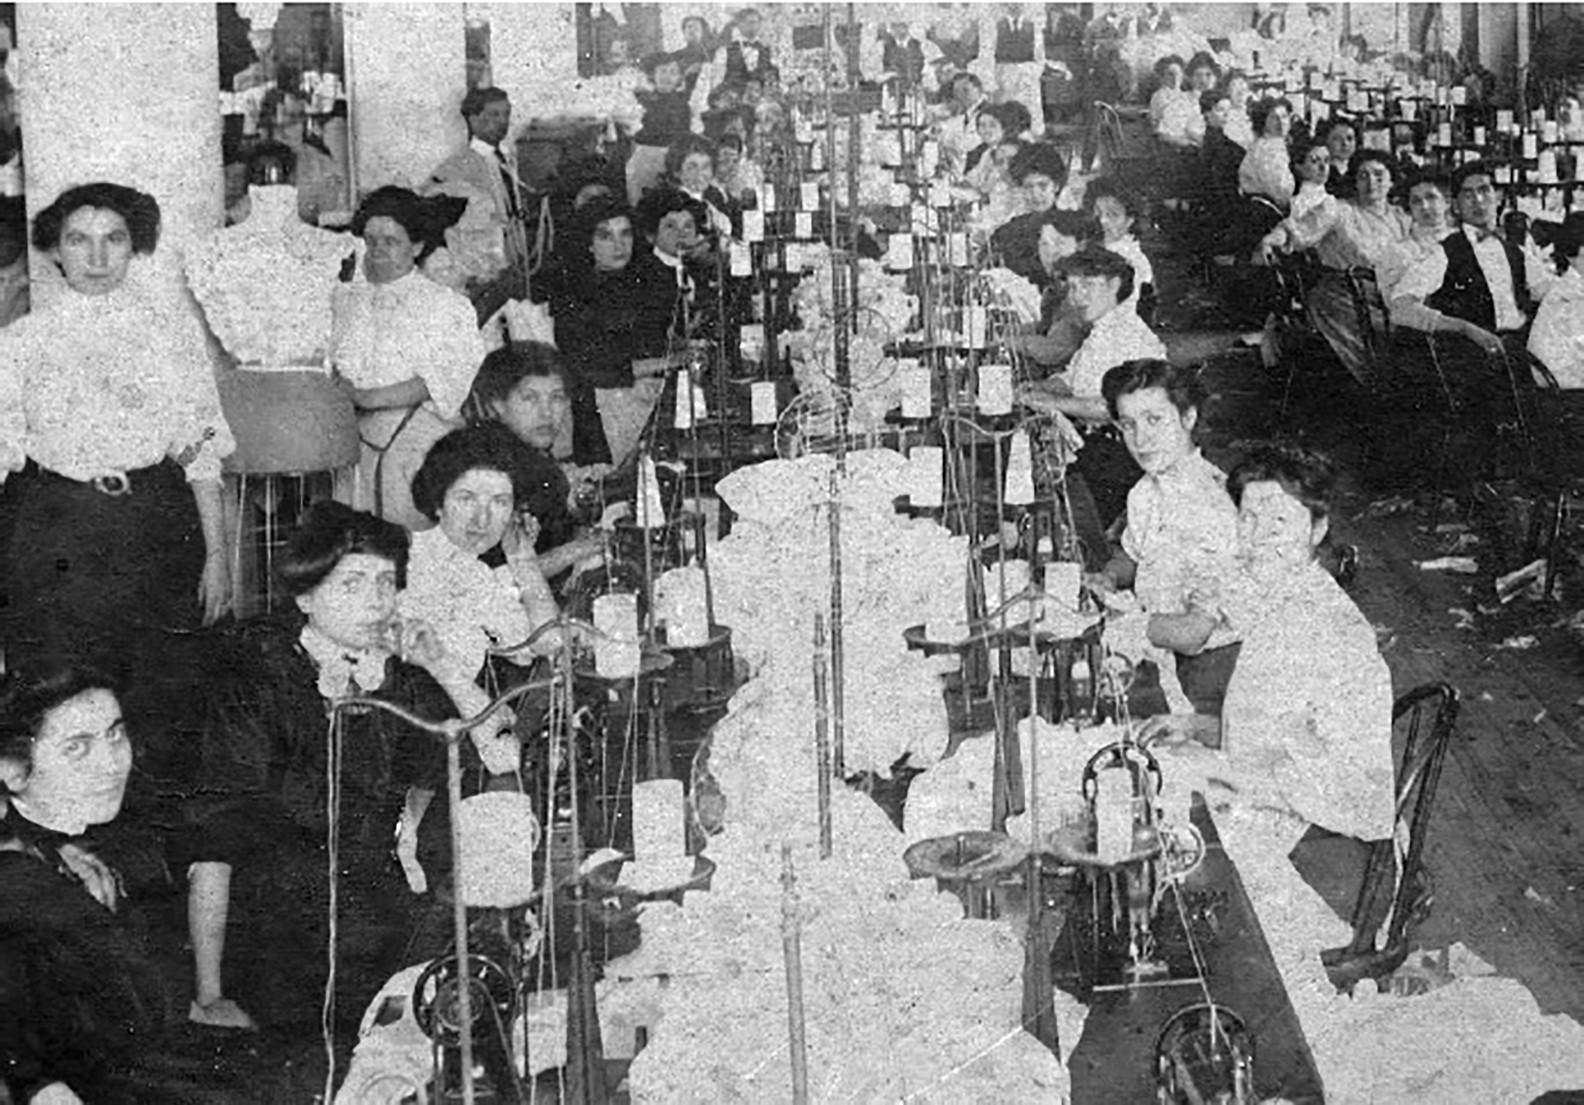 Garment Factory, 1910